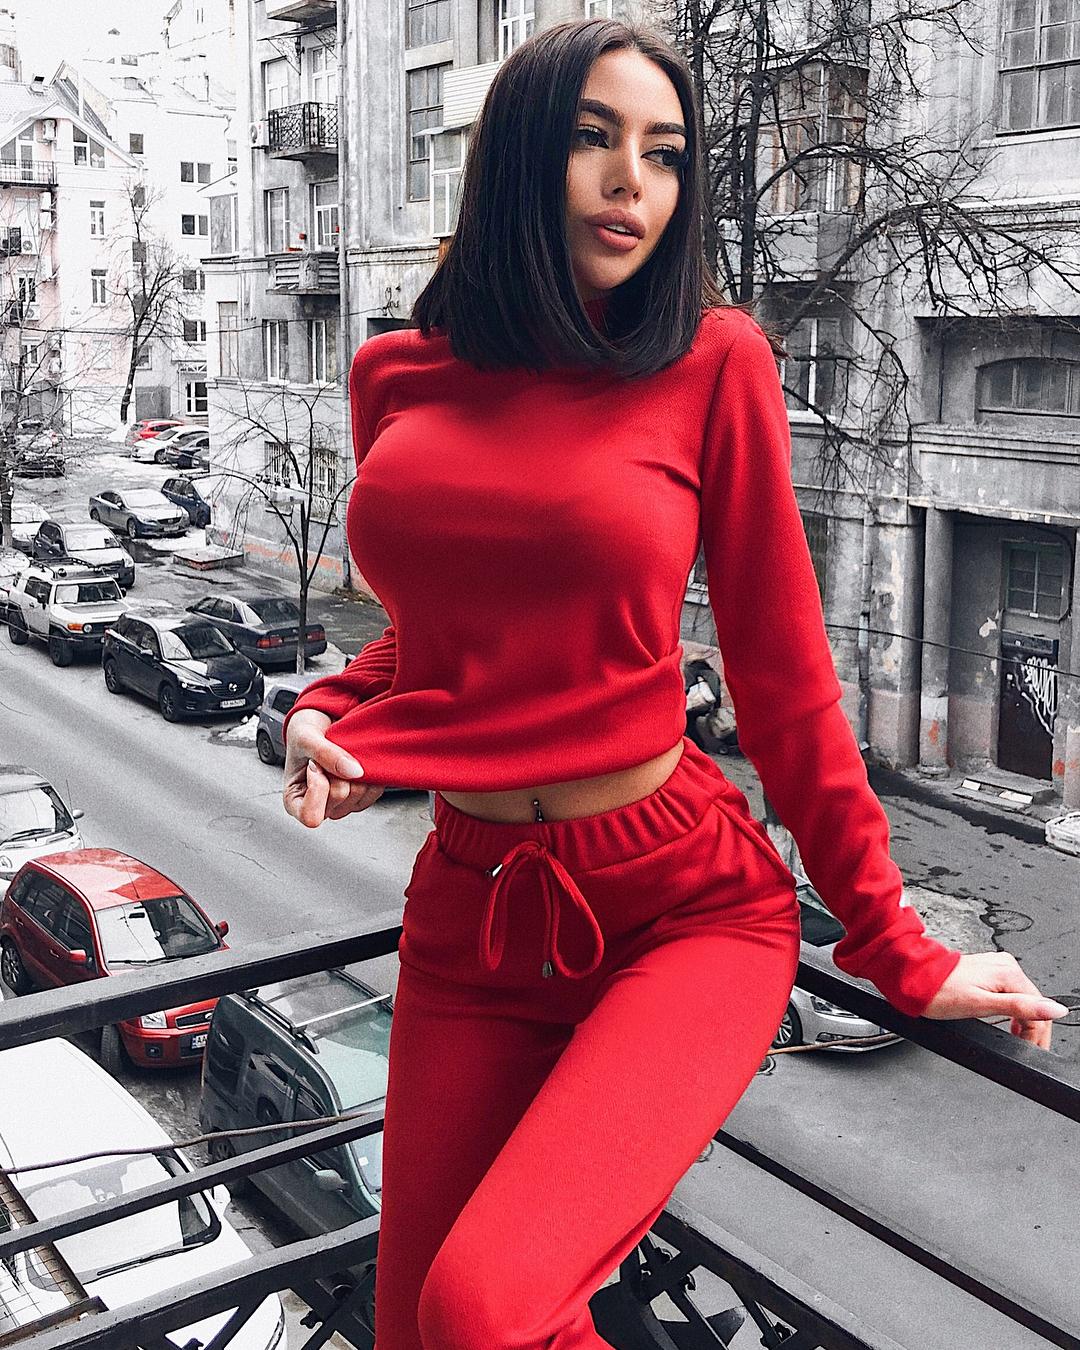 Alena-Omovych-Wallpapers-Insta-Fit-Bio-2